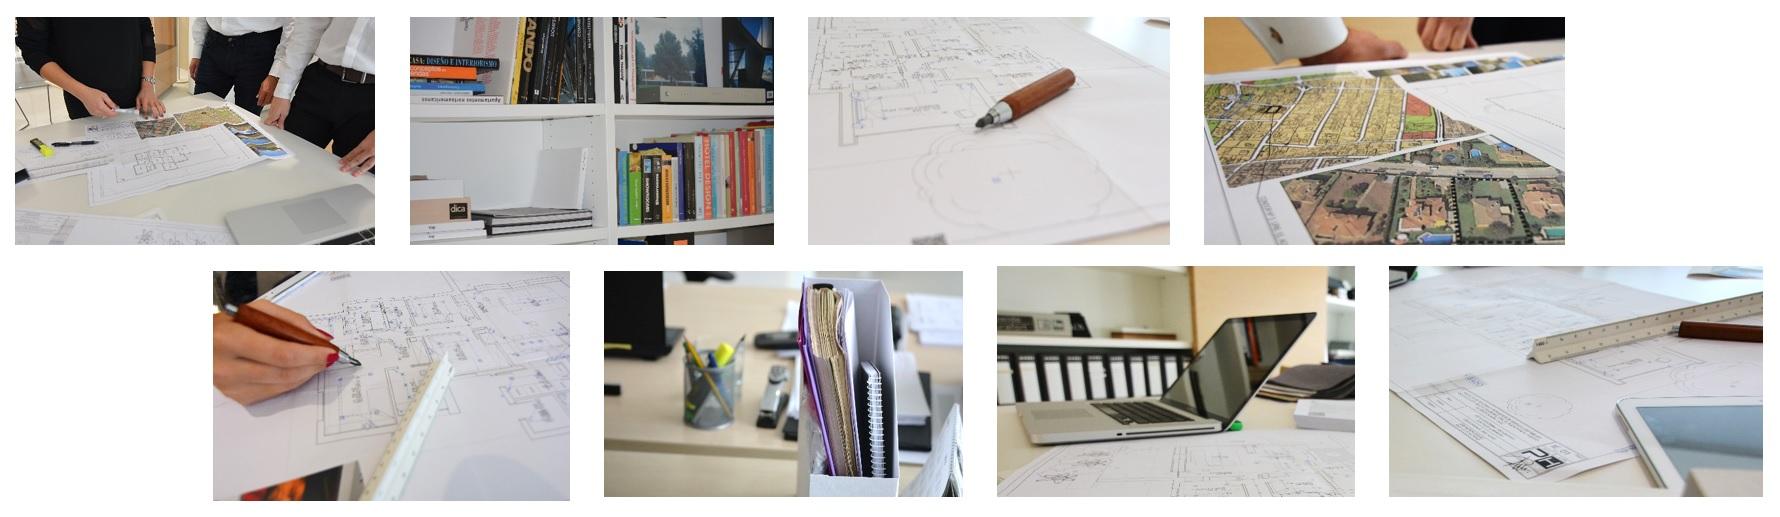 Studio Piezas Habitat- Proyectos integrales de arquitectura